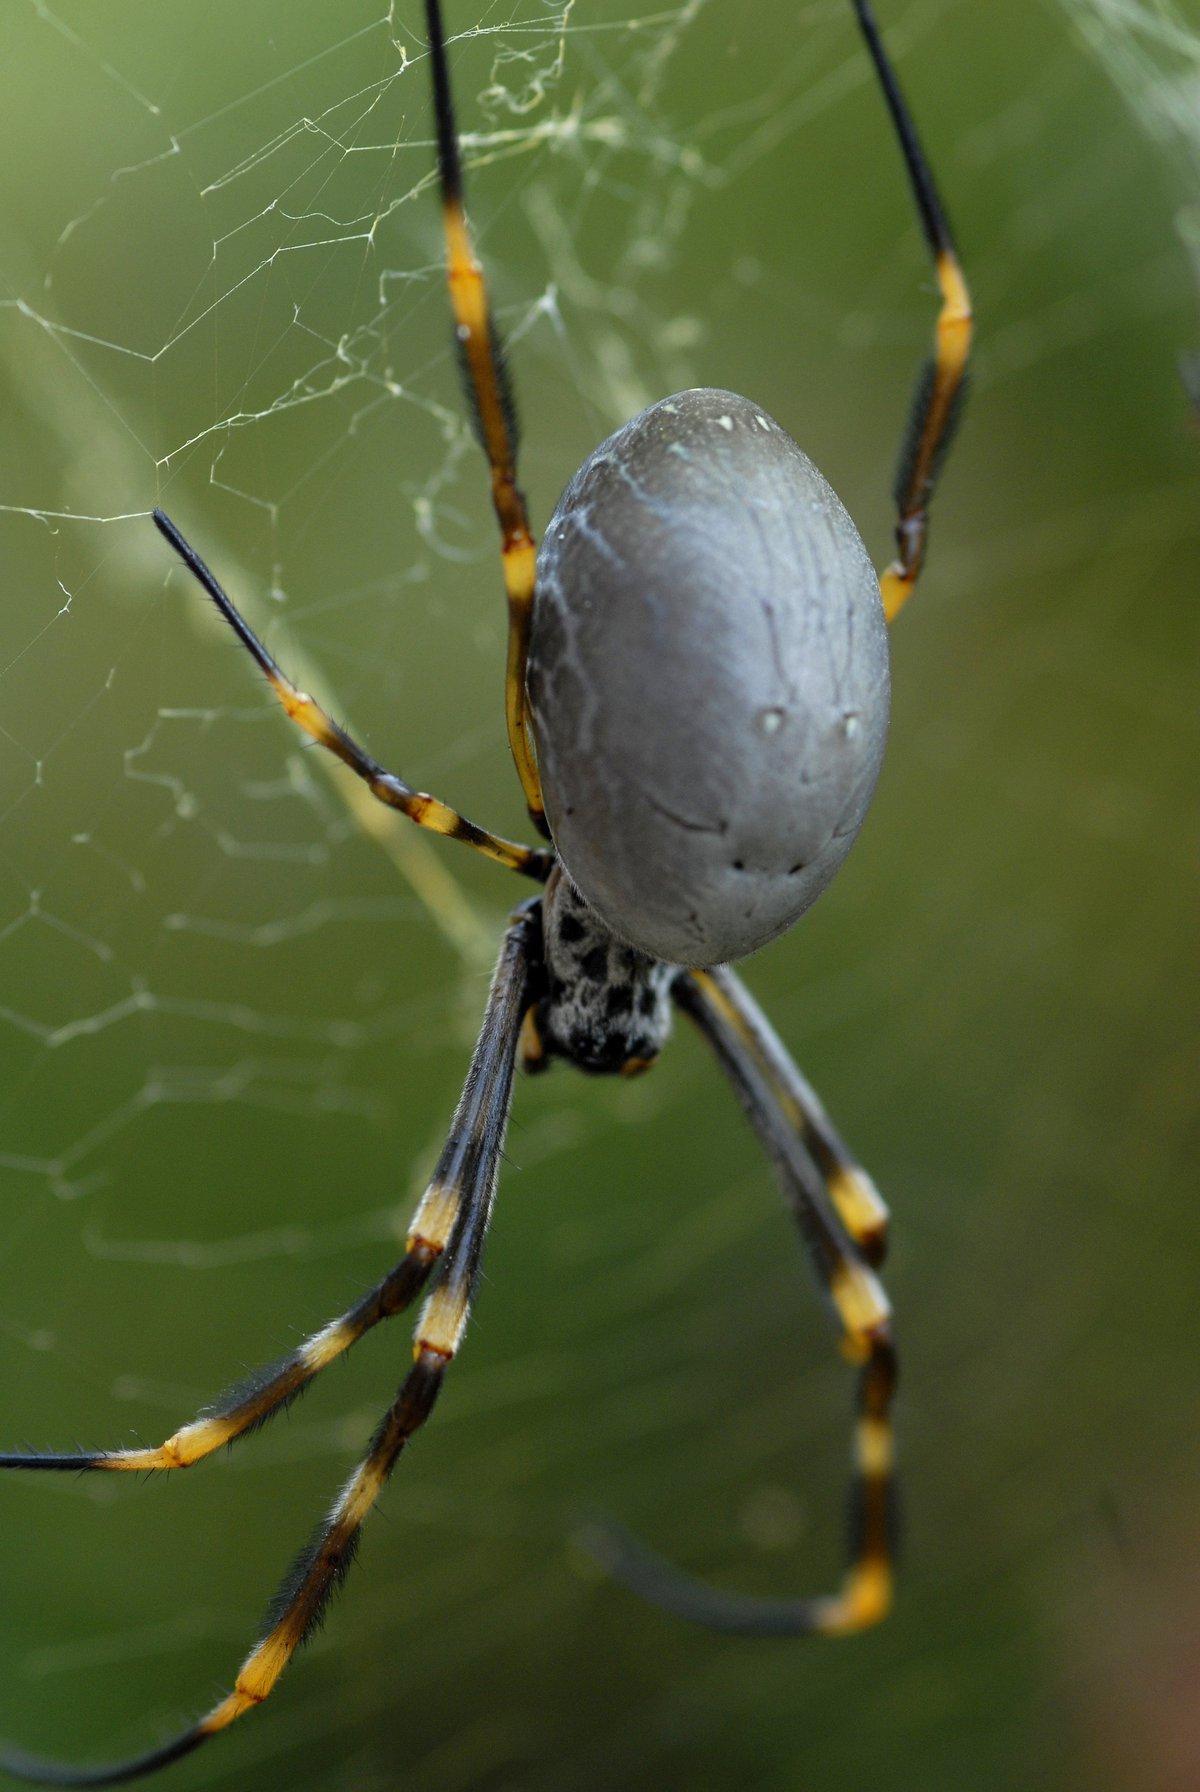 Golden Orb Weaving Spiders The Australian Museum